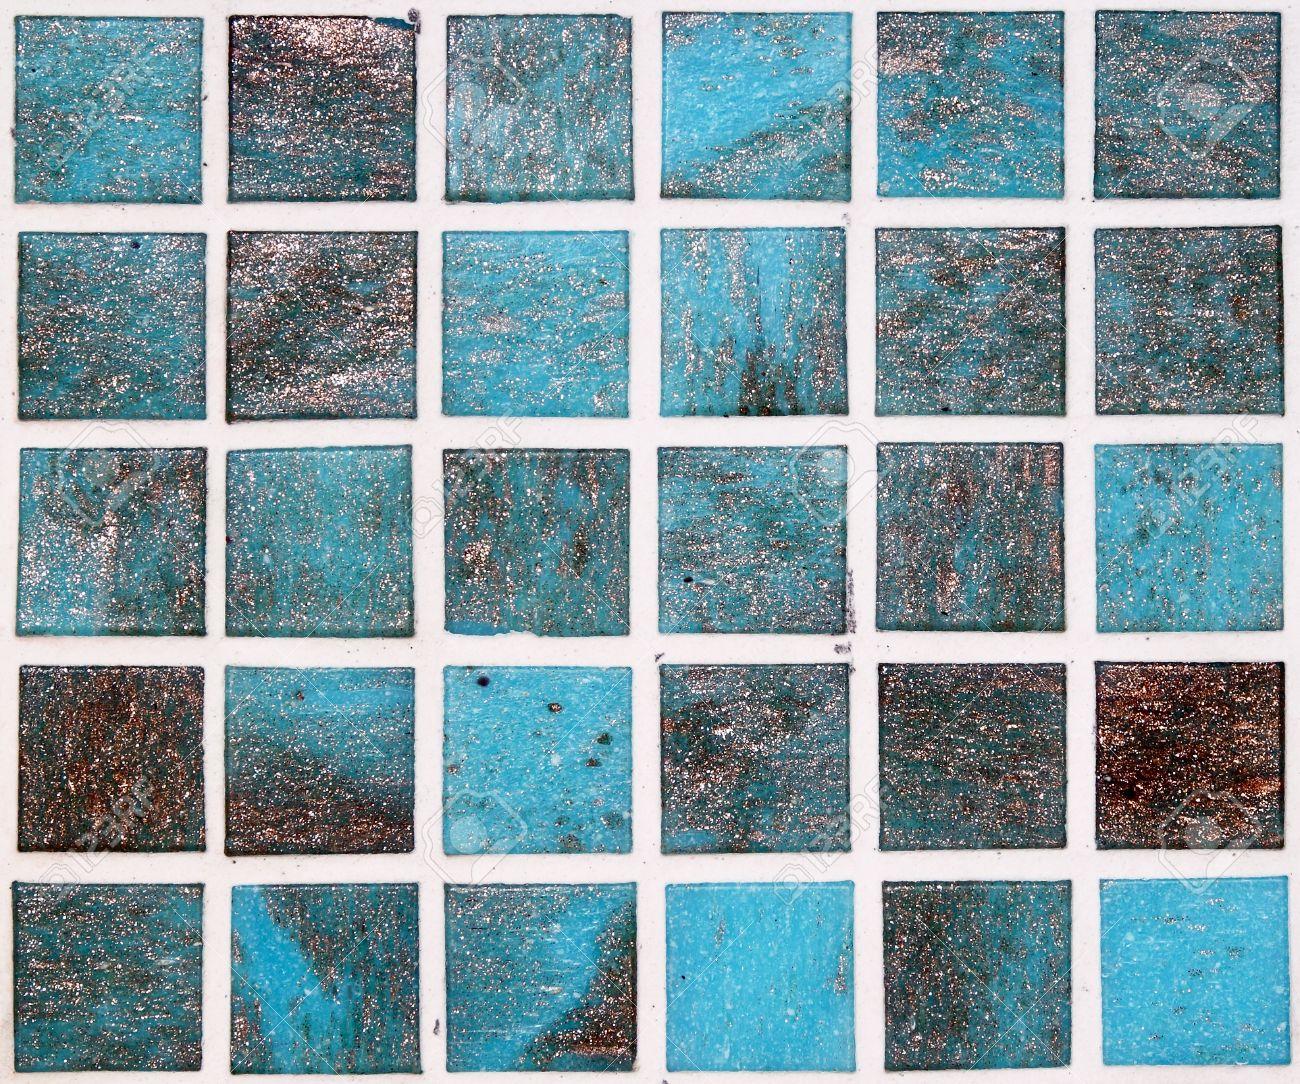 archivio fotografico tegola texture di sfondo o piastrelle dei bagni piscina sul muro